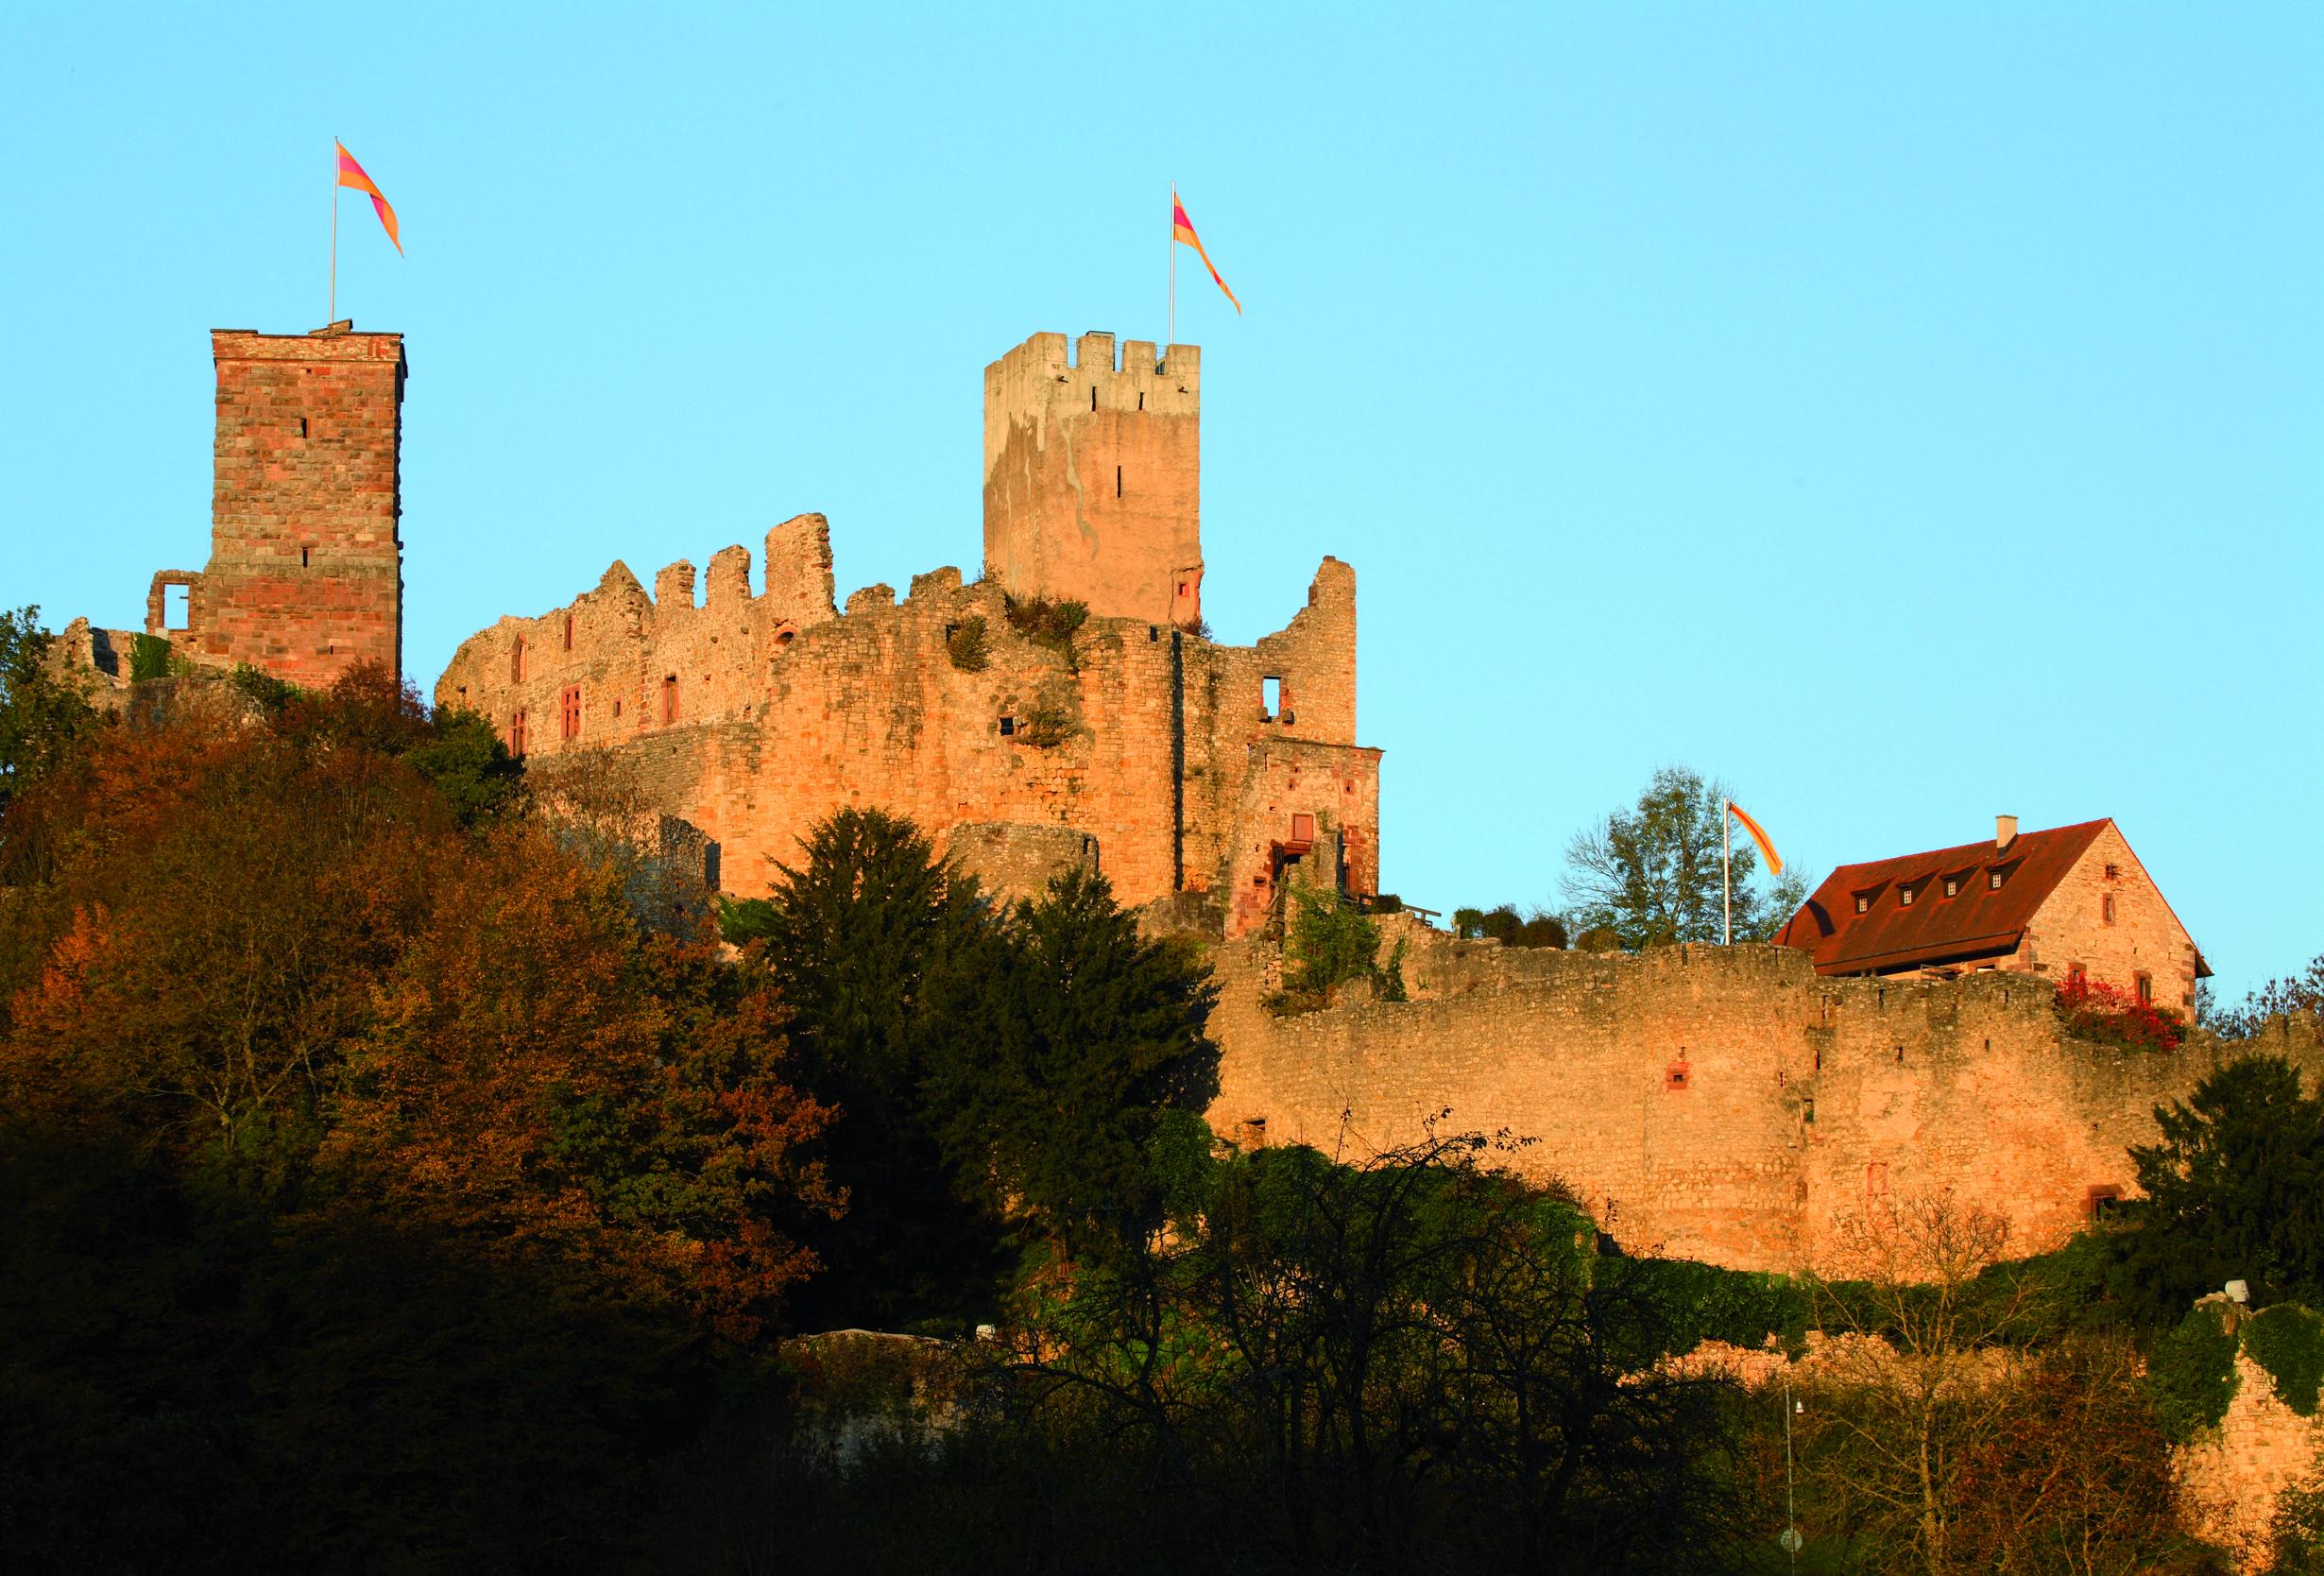 Die Burgruine Rötteln gilt als Wahrzeichen von Wiesental und Markgräflerland